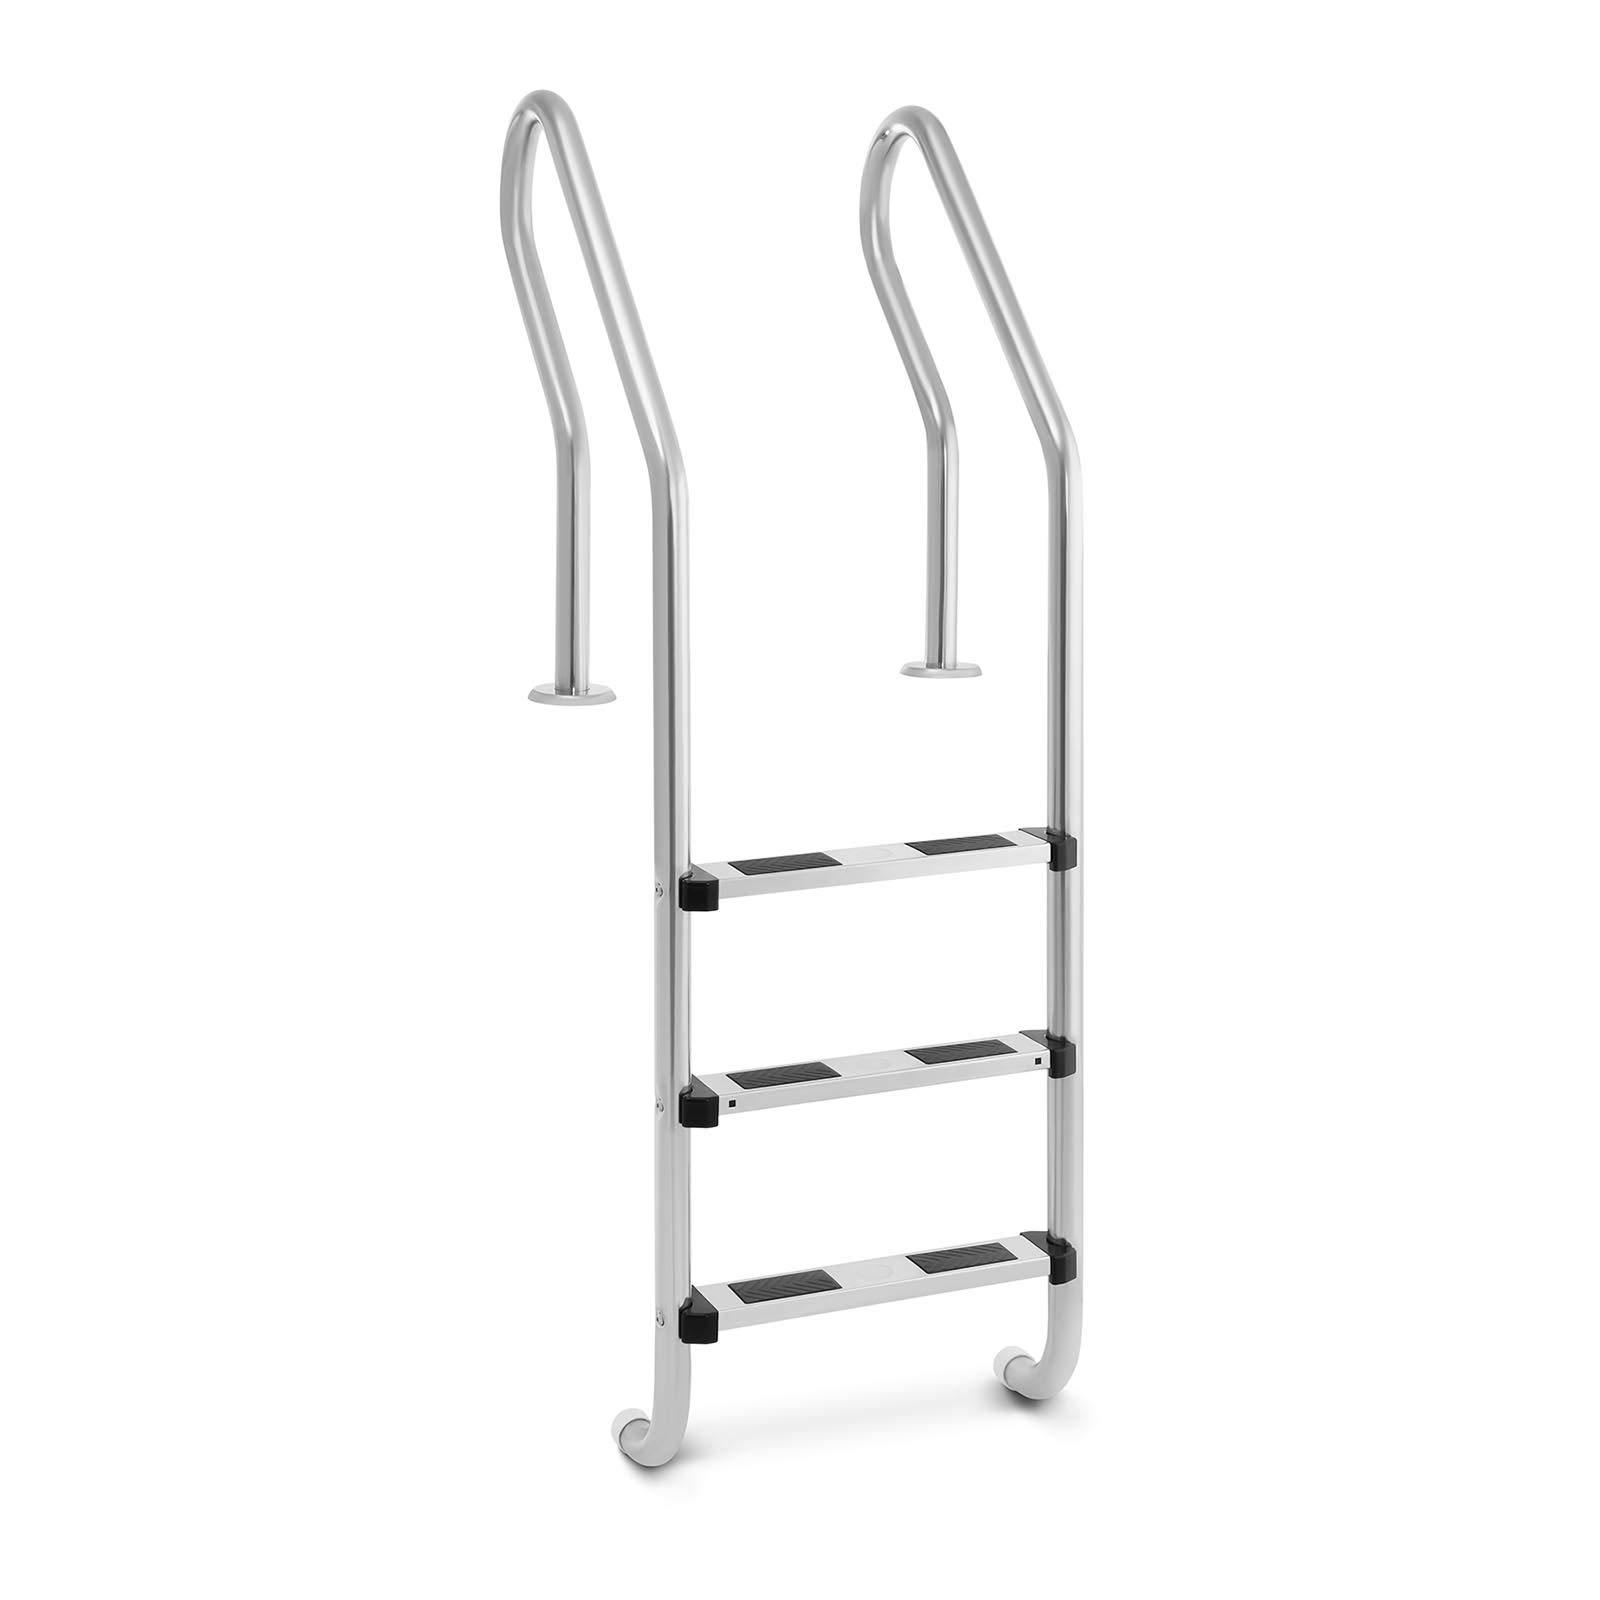 Uniprodo Escalera De Piscina Escalerilla Uni_Pool_Ladder_1600 (Ancho del Peldaño: 7,5 cm, 3 Peldaños, Perfil De Arco Normal): Amazon.es: Jardín